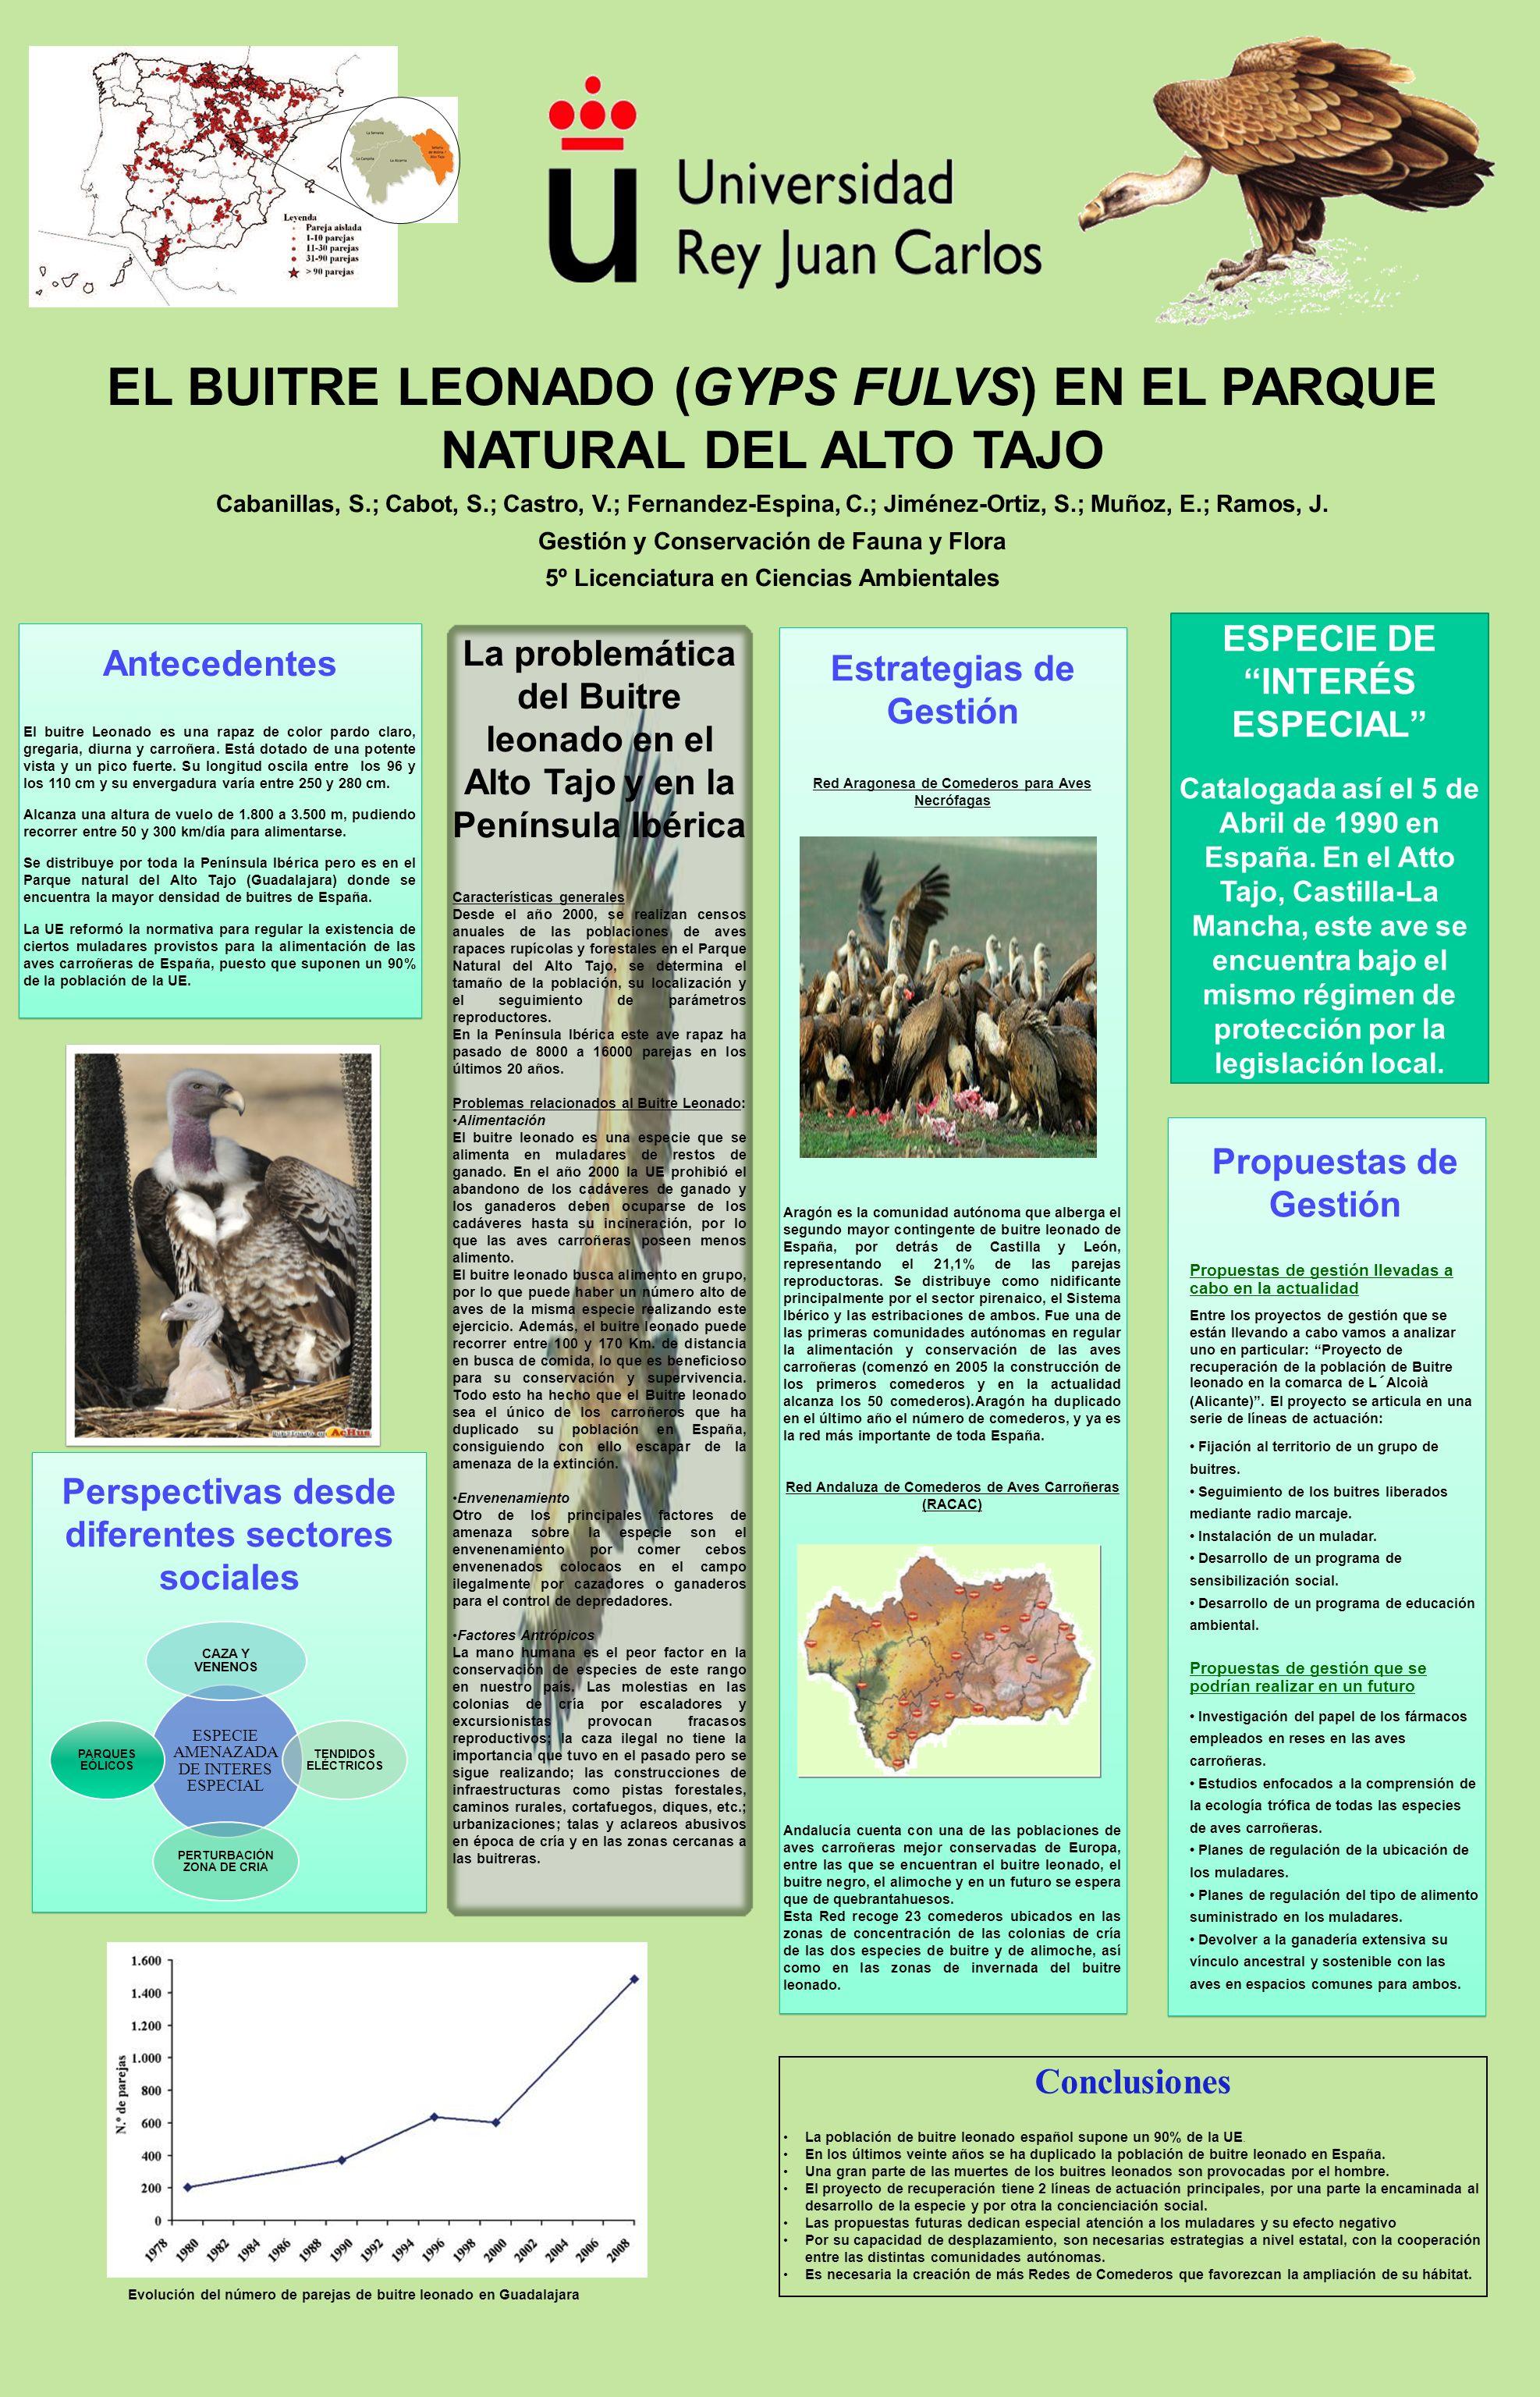 EL BUITRE LEONADO (GYPS FULVS) EN EL PARQUE NATURAL DEL ALTO TAJO